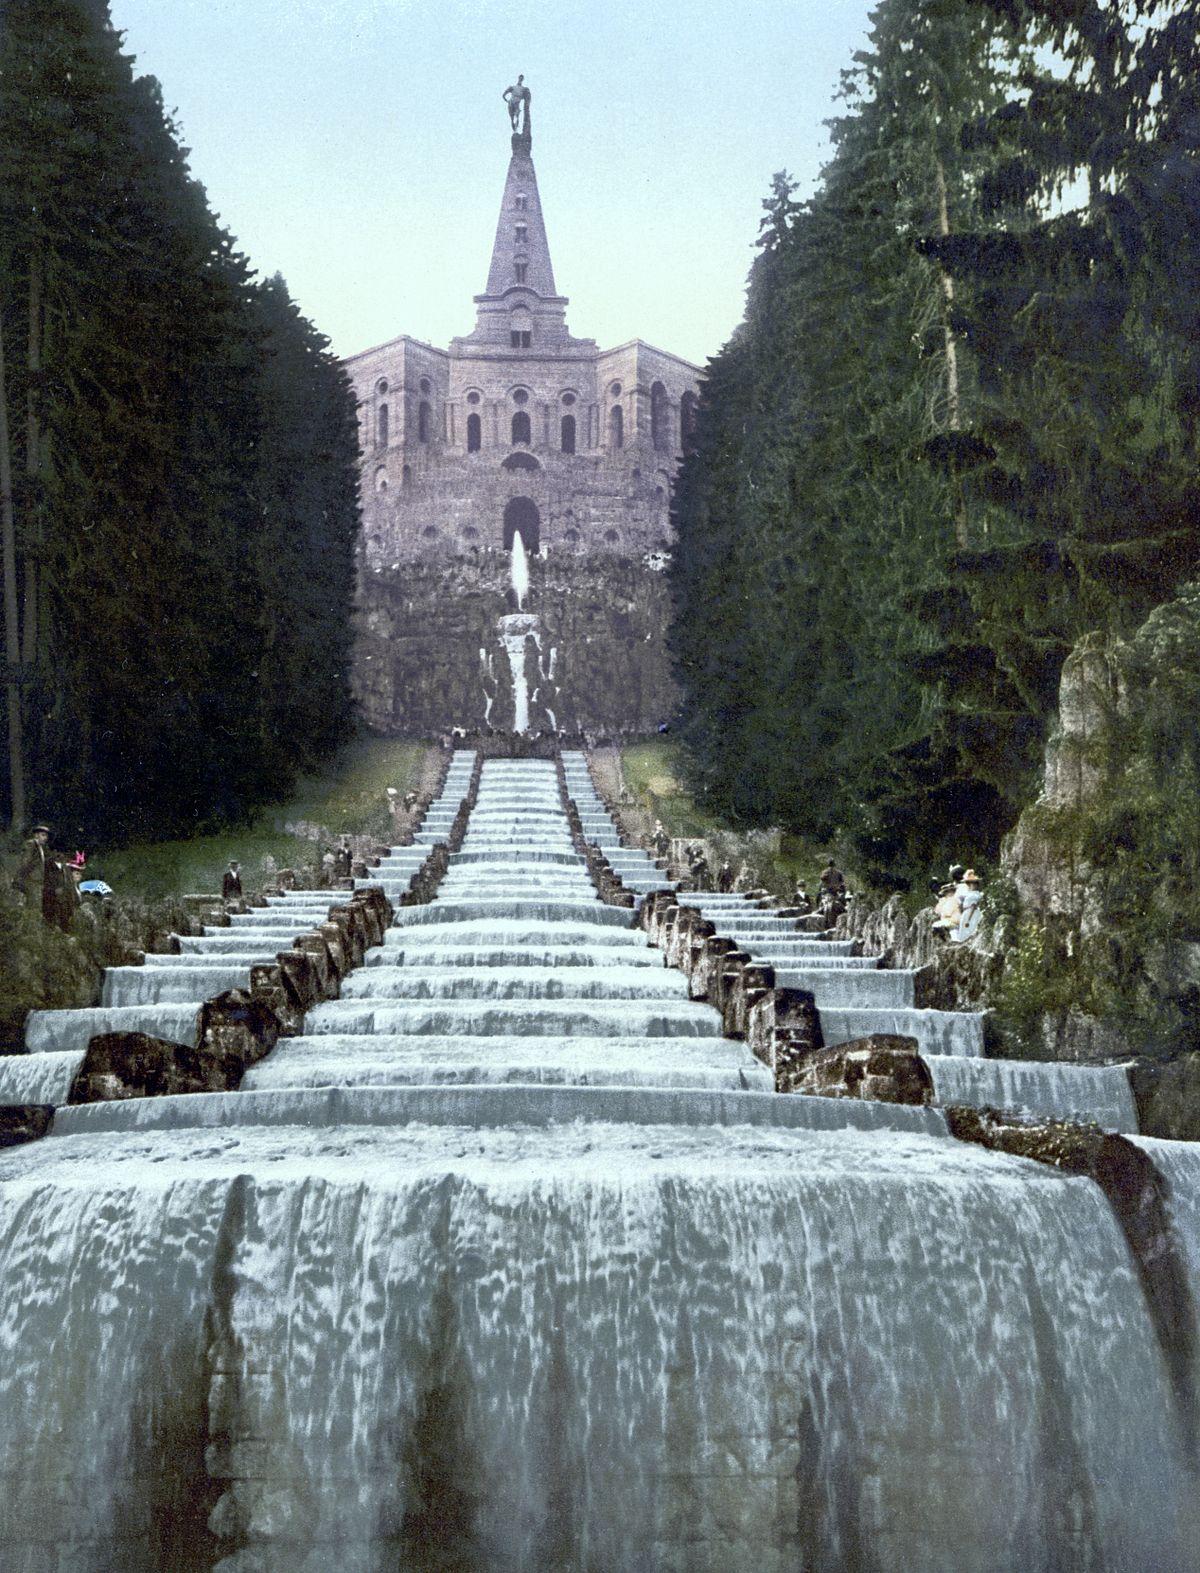 Wasserkaskaden Kassel kaskade wasserfall